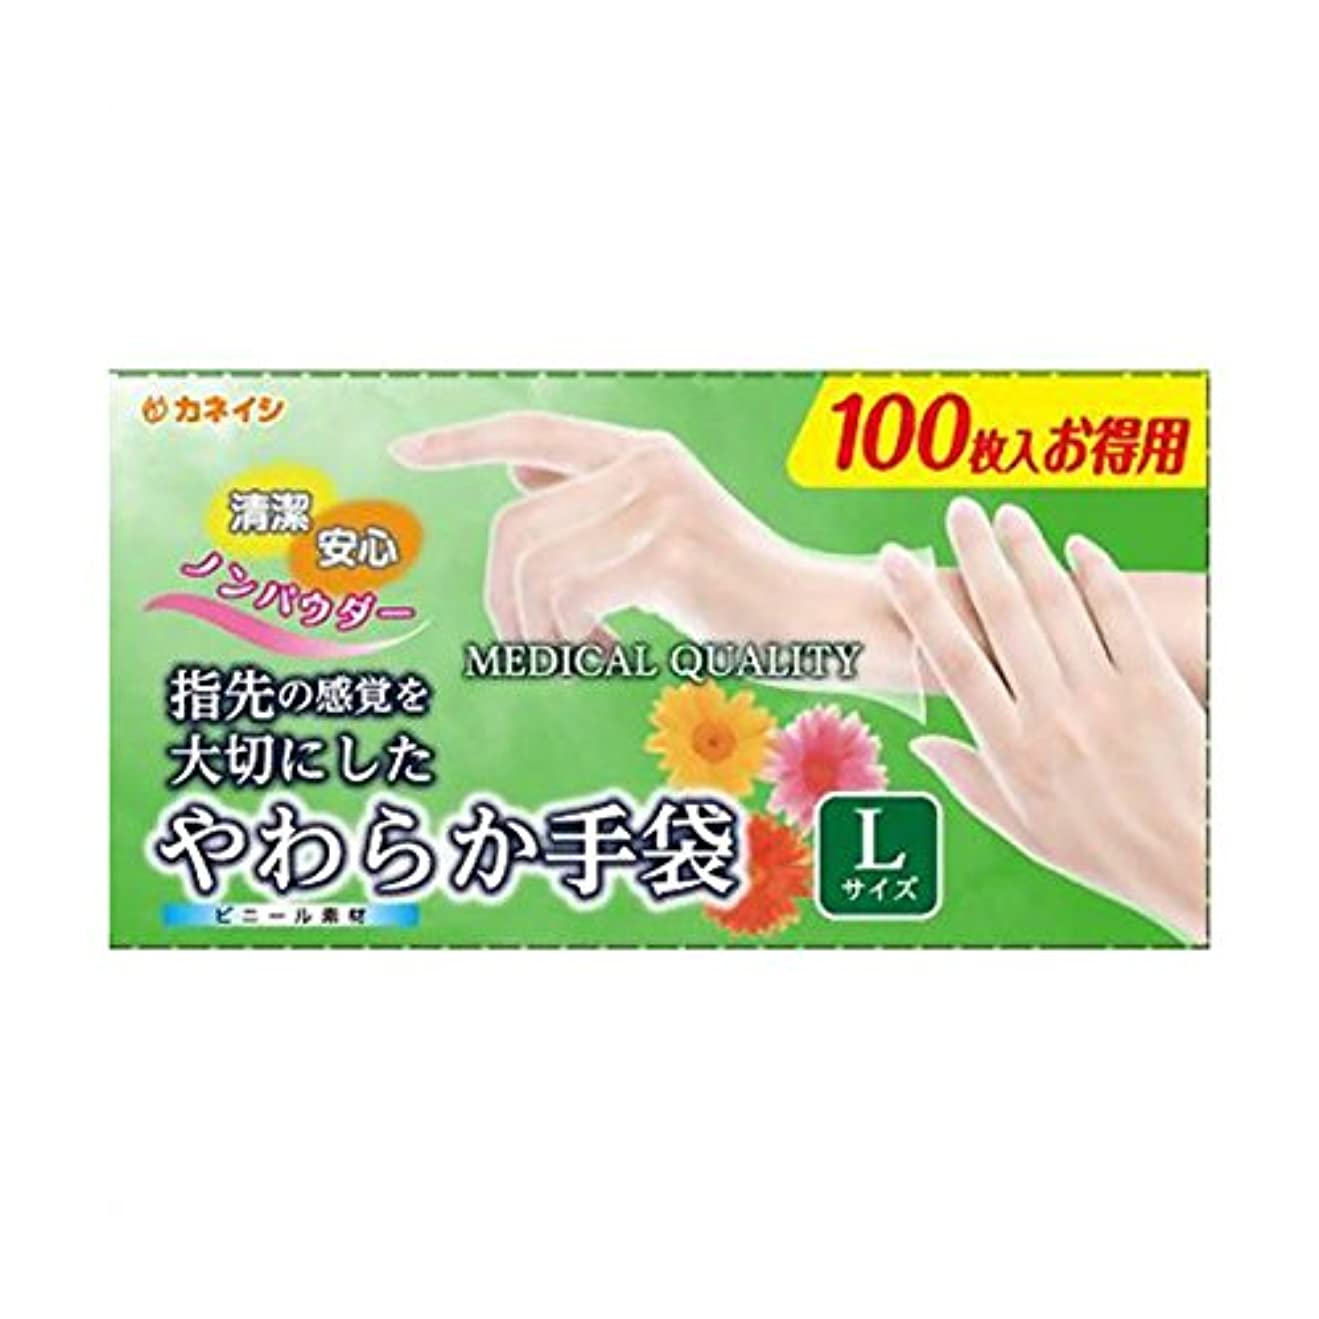 移動する熱心な熱望するやわらか手袋 ビニール素材 Lサイズ 100枚入x4